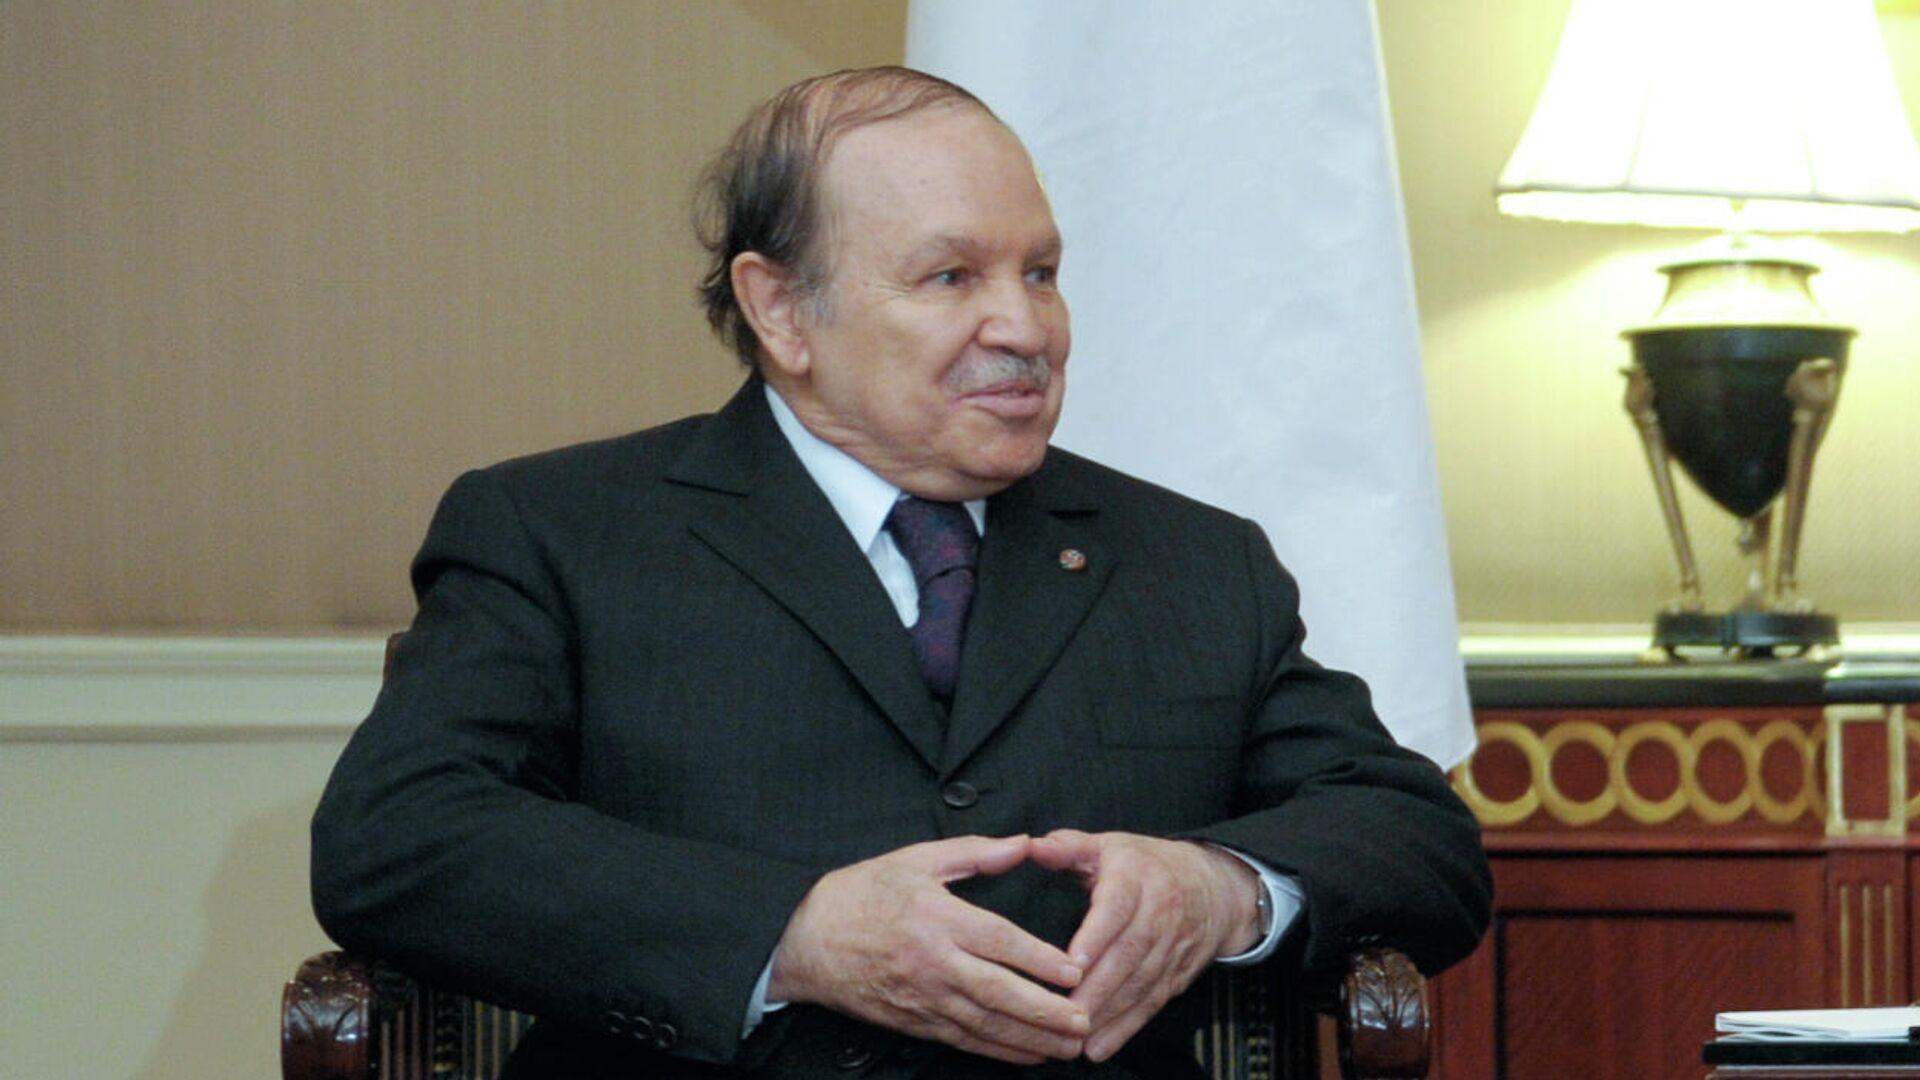 bdelaziz Buteflika, expresidente de Argelia - Sputnik Mundo, 1920, 17.09.2021